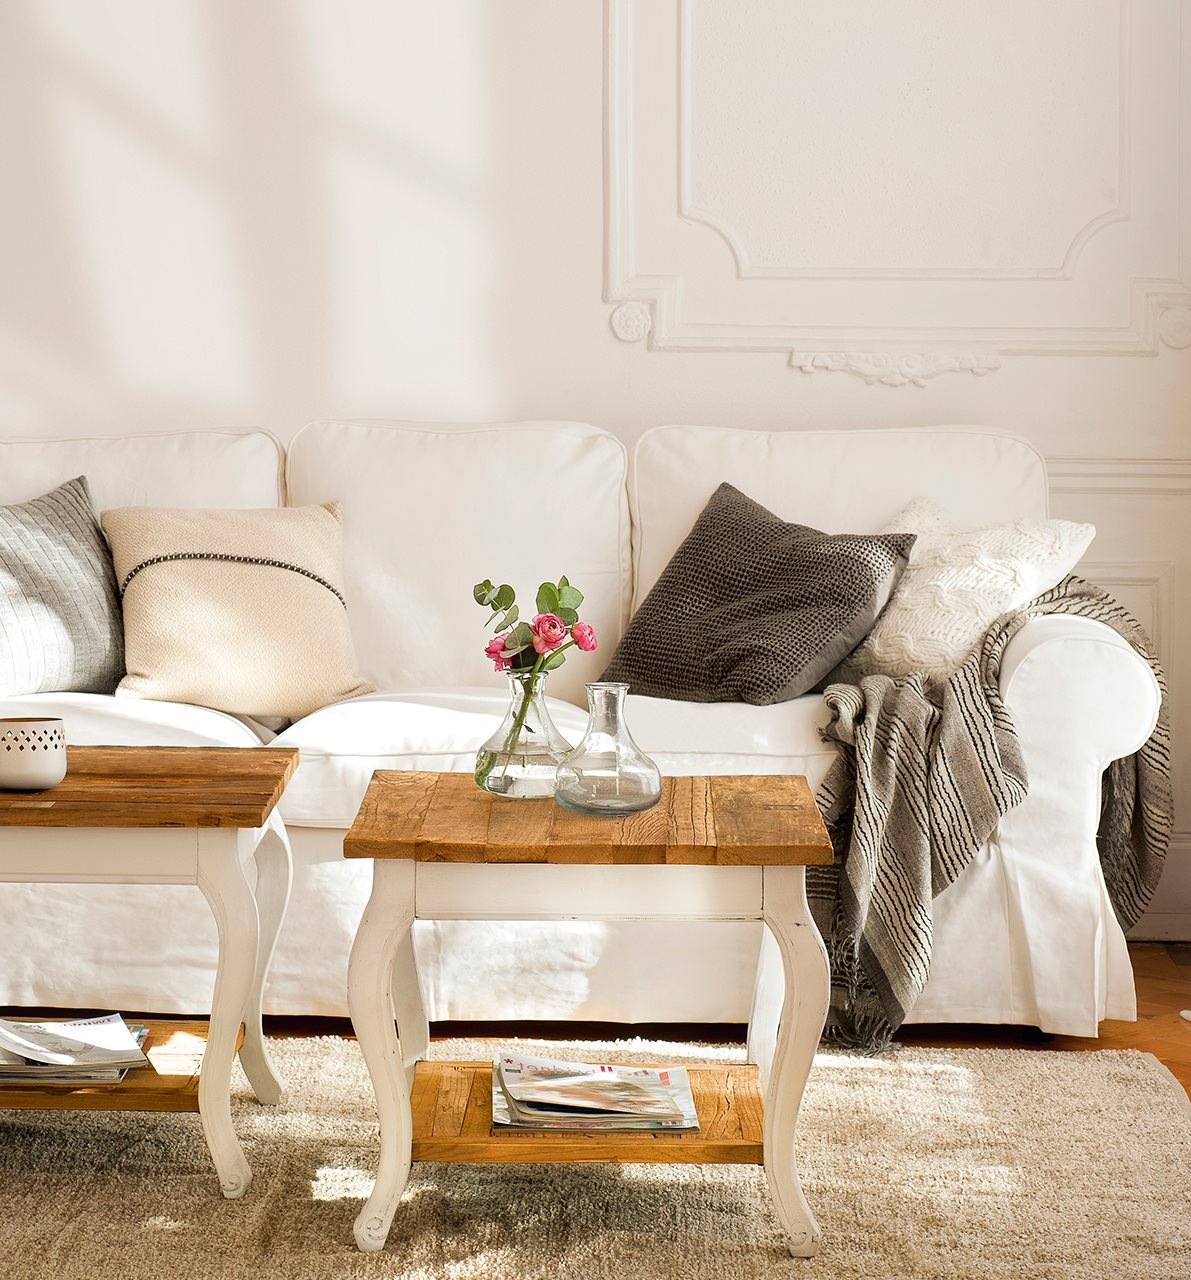 Retapizar muebles vale la pena - Sillones para recibidores ...